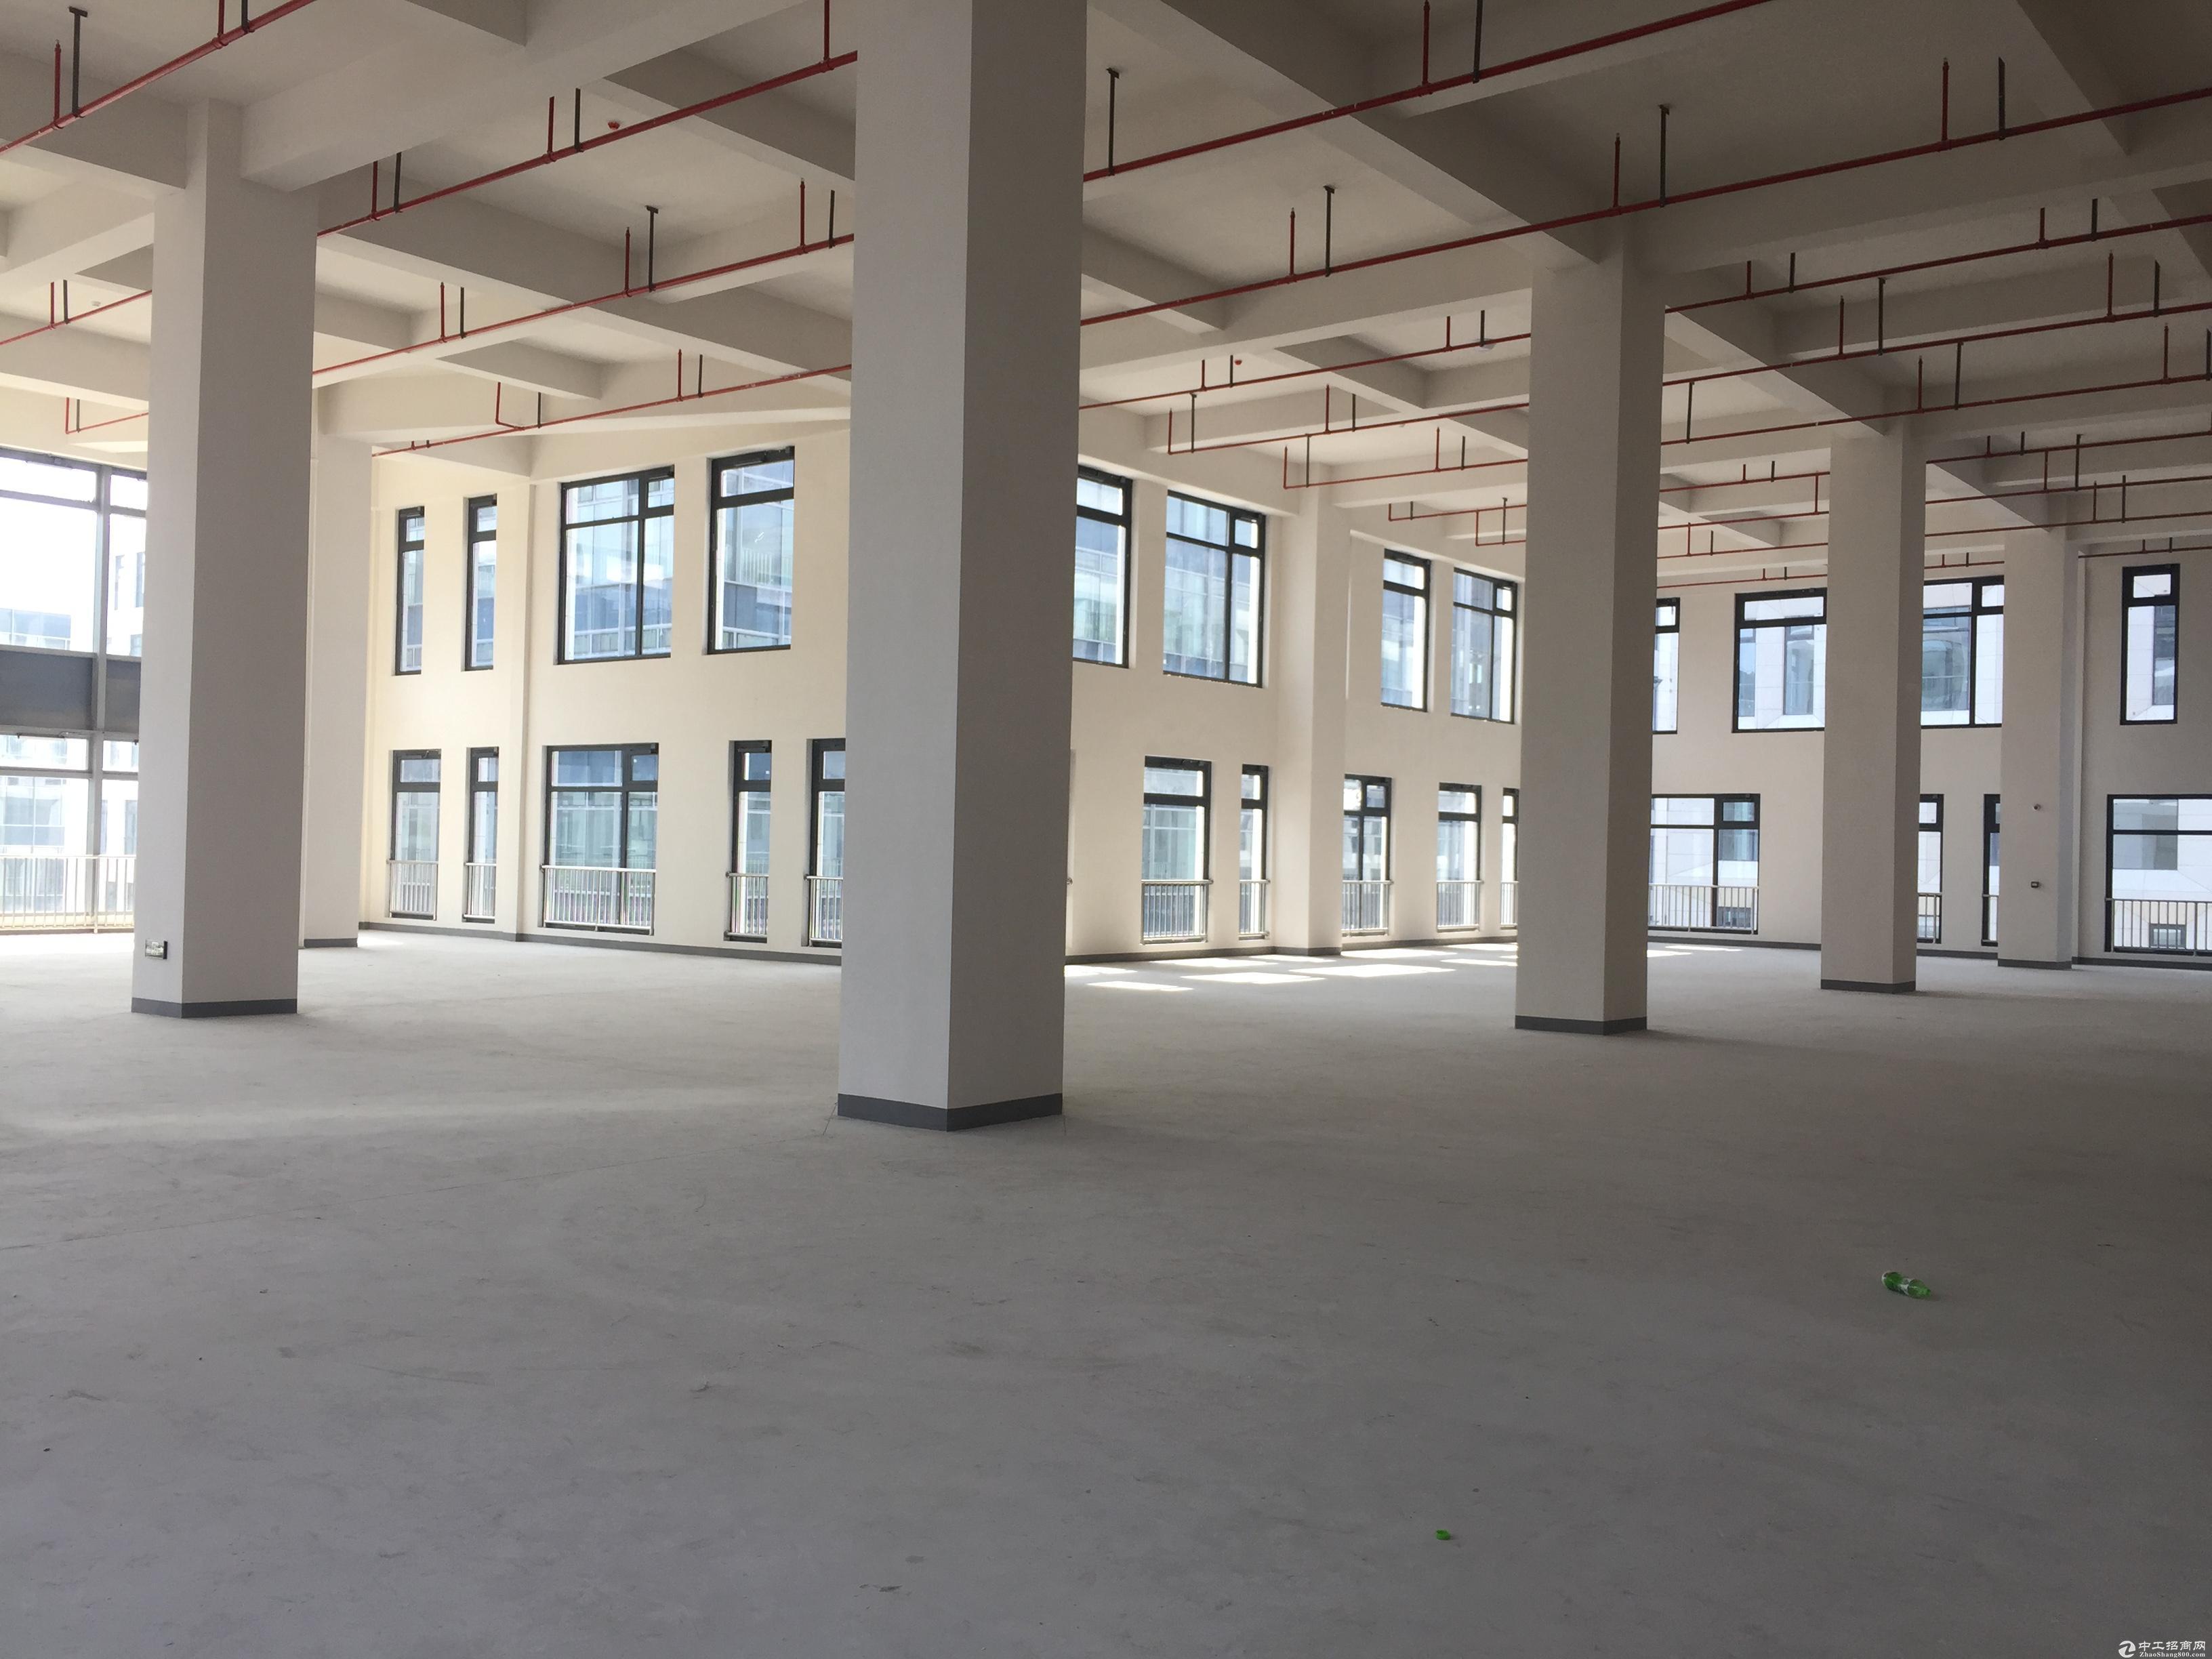 健康产业招商!新建园区,可生产,研发,办公,多面积段自由分割